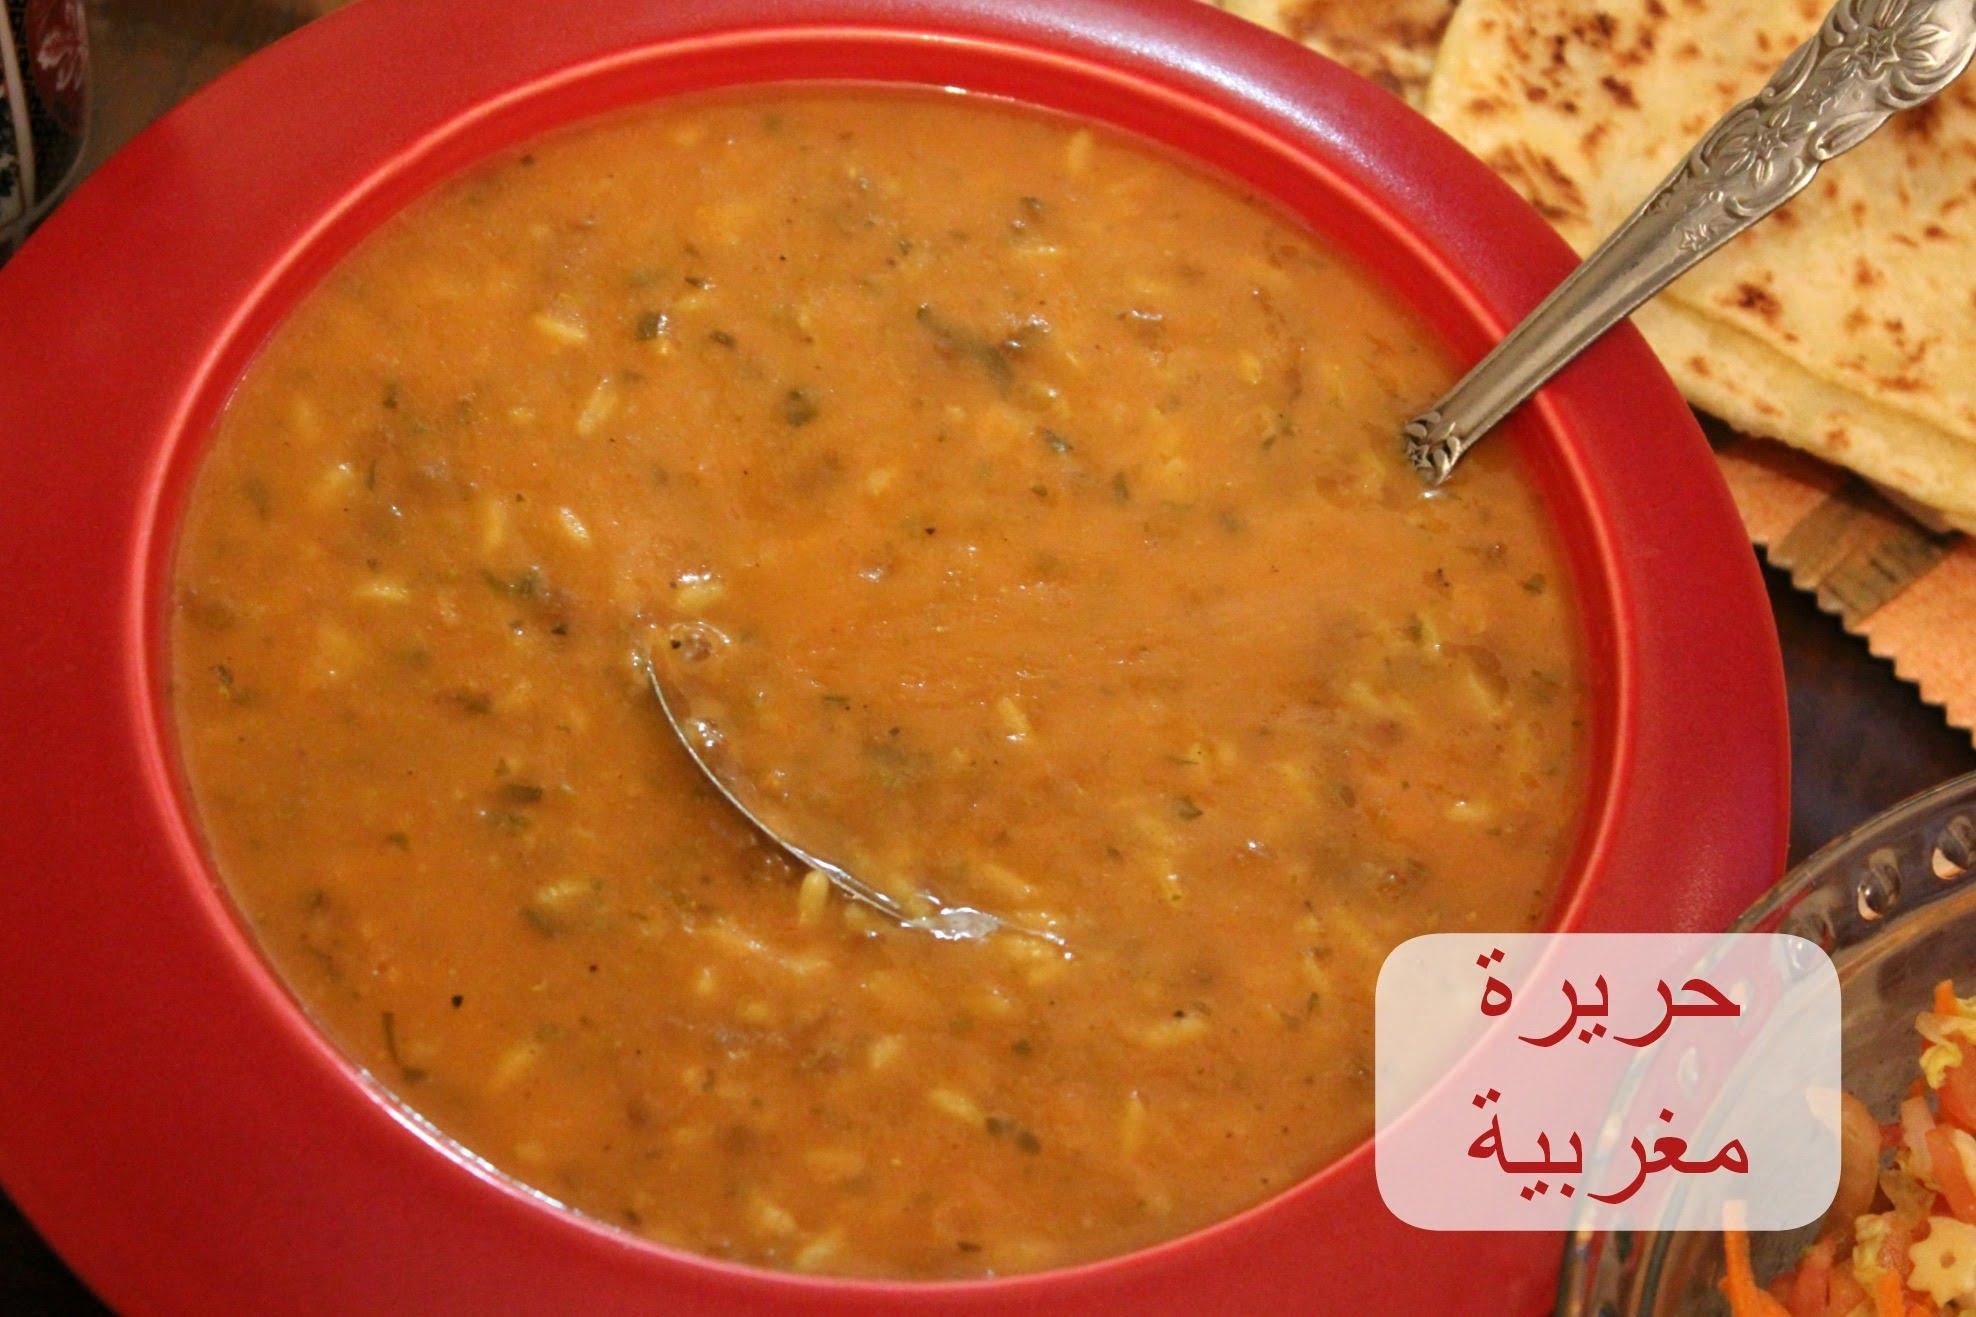 طريقة تحضير الحريرة المغربية اسهل ما يكون شهيوات رمضان